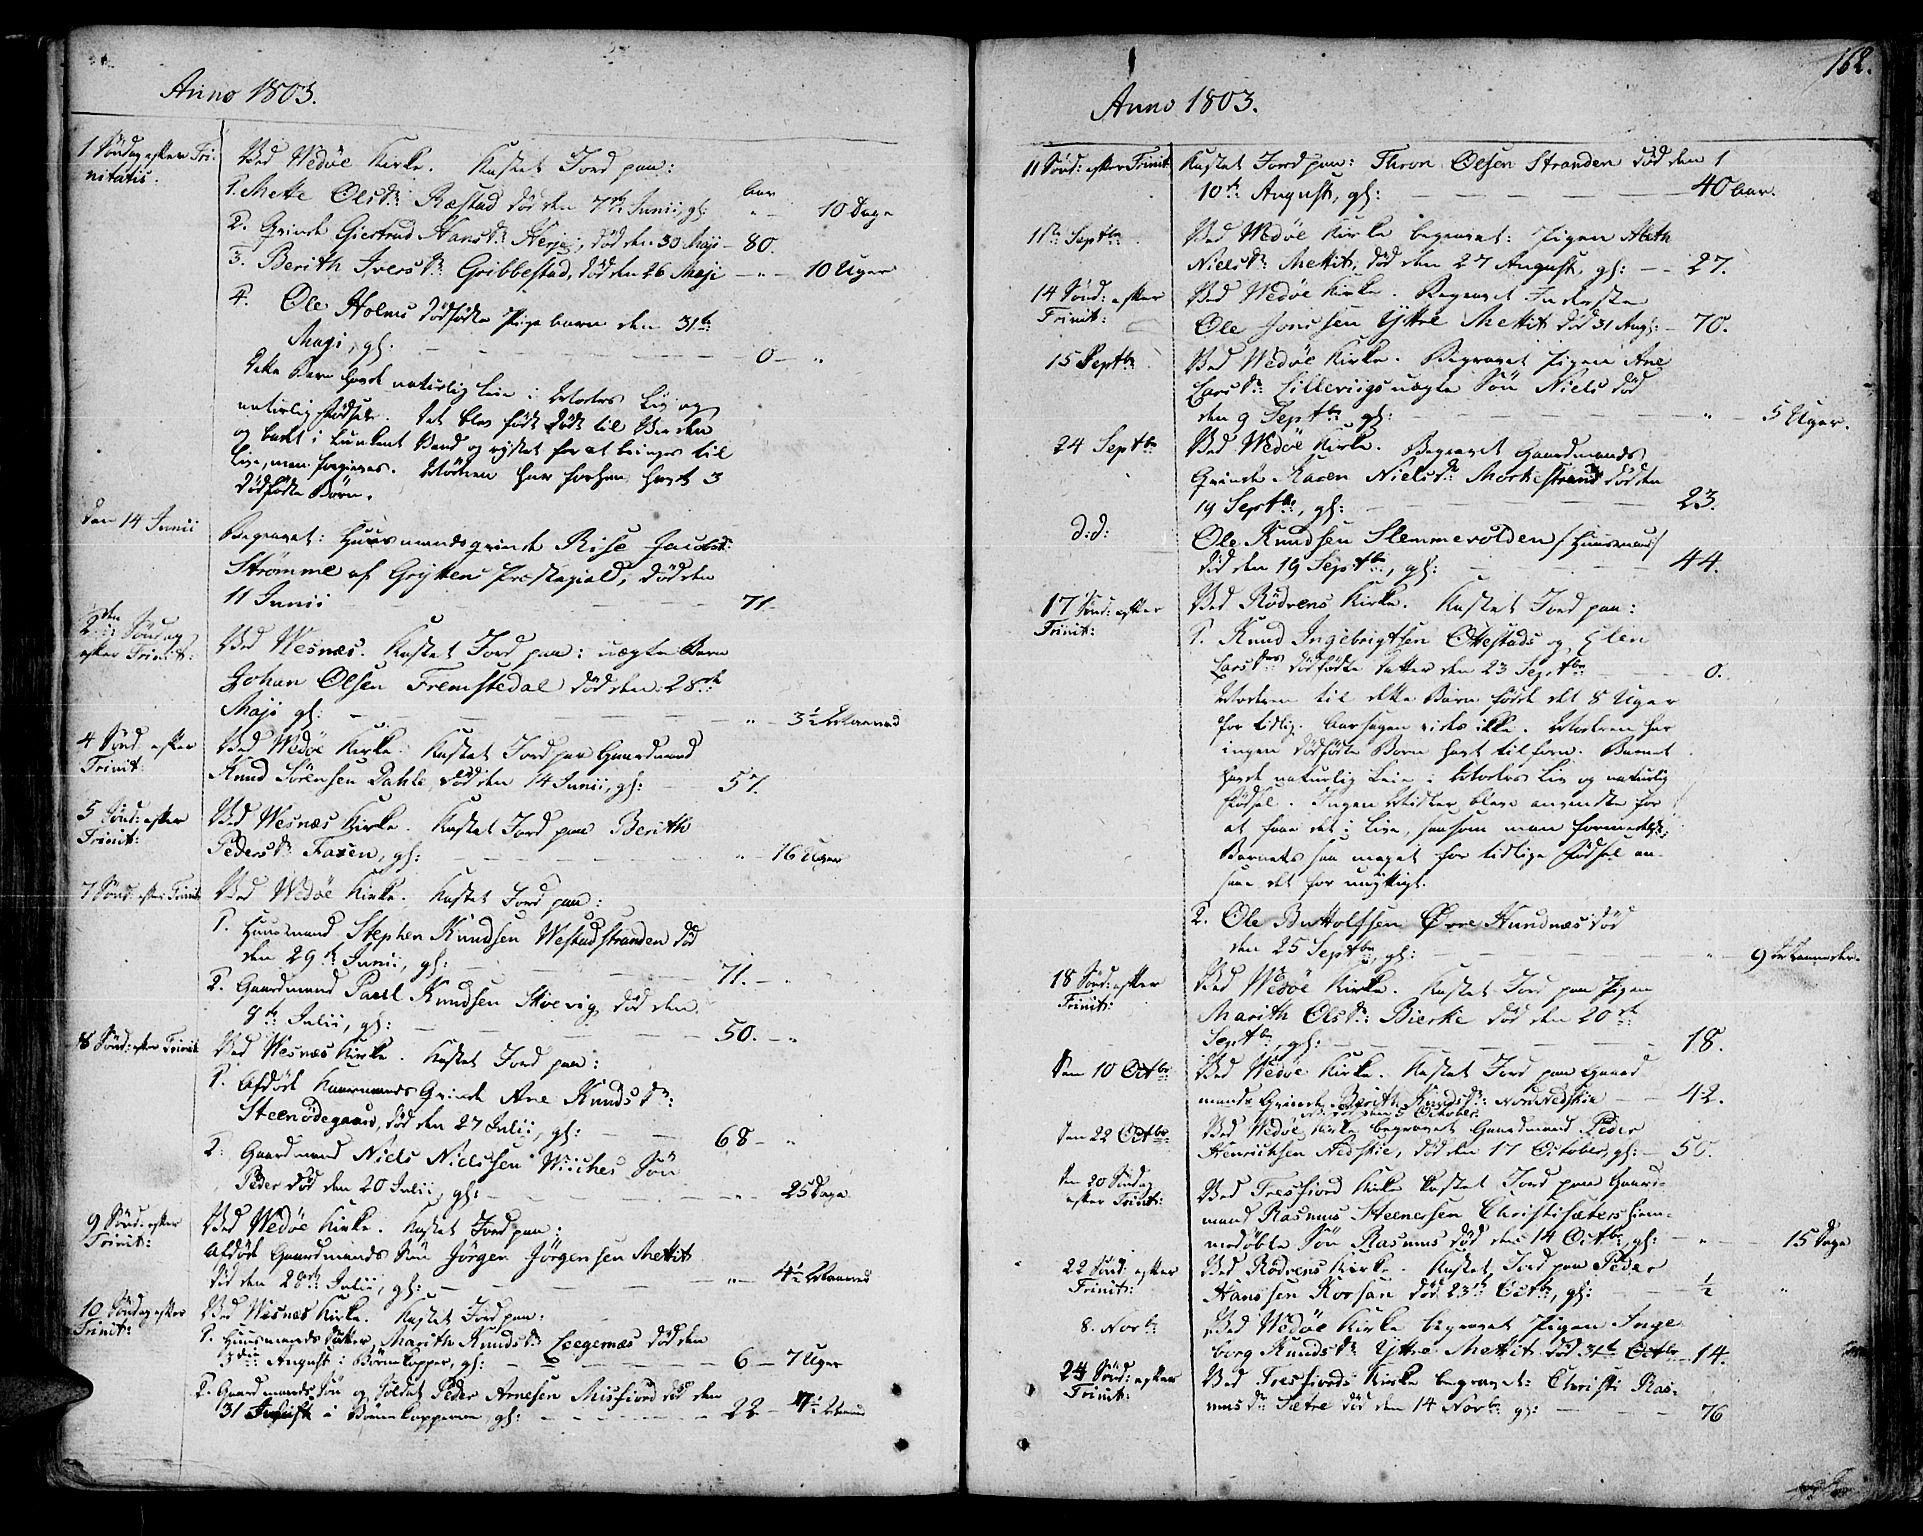 SAT, Ministerialprotokoller, klokkerbøker og fødselsregistre - Møre og Romsdal, 547/L0601: Ministerialbok nr. 547A03, 1799-1818, s. 162